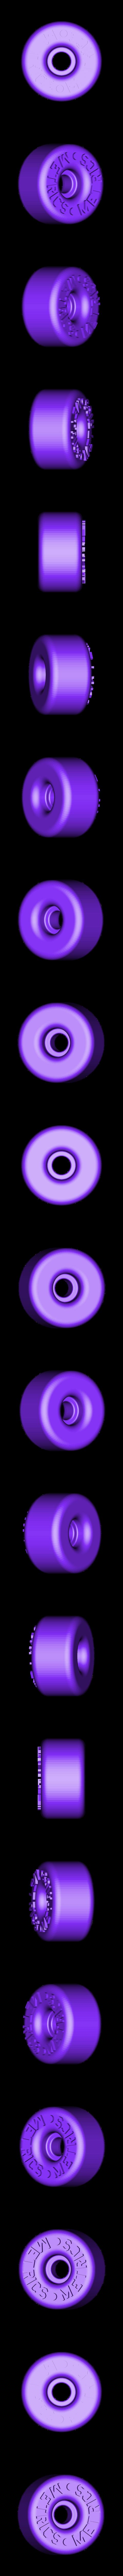 rueda metrics.stl Download free STL file SKATE METRICS • 3D printable model, cloko